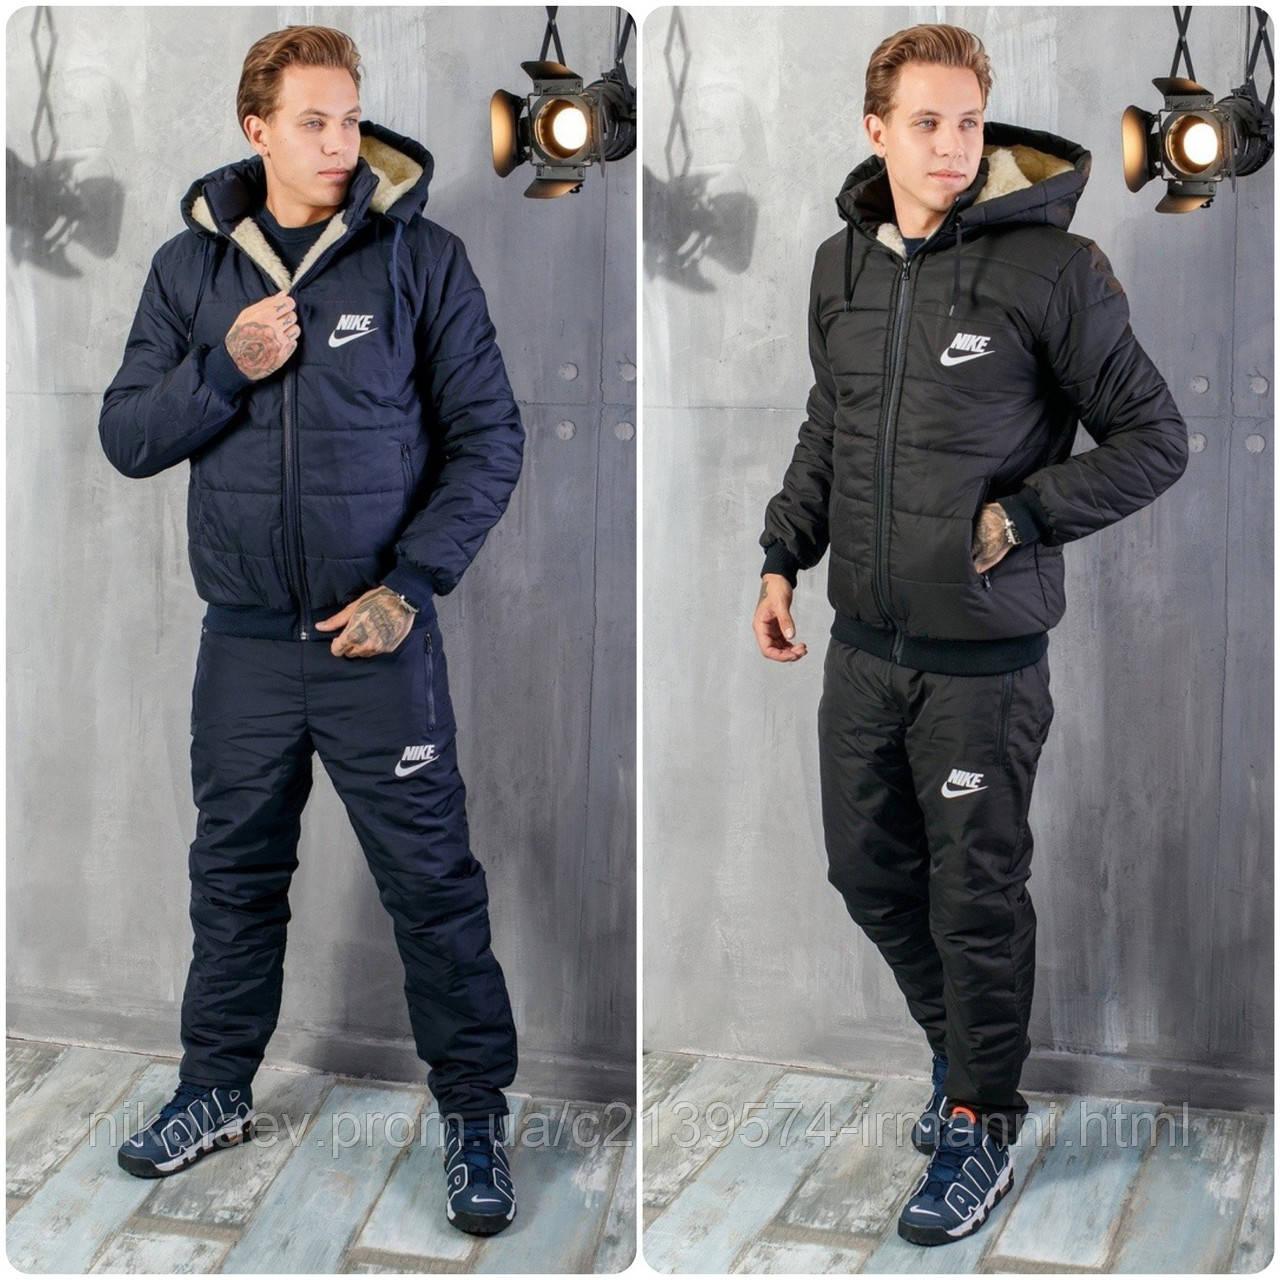 Зимний Мужской Спортивный Костюм Nike - Найк на овчине!